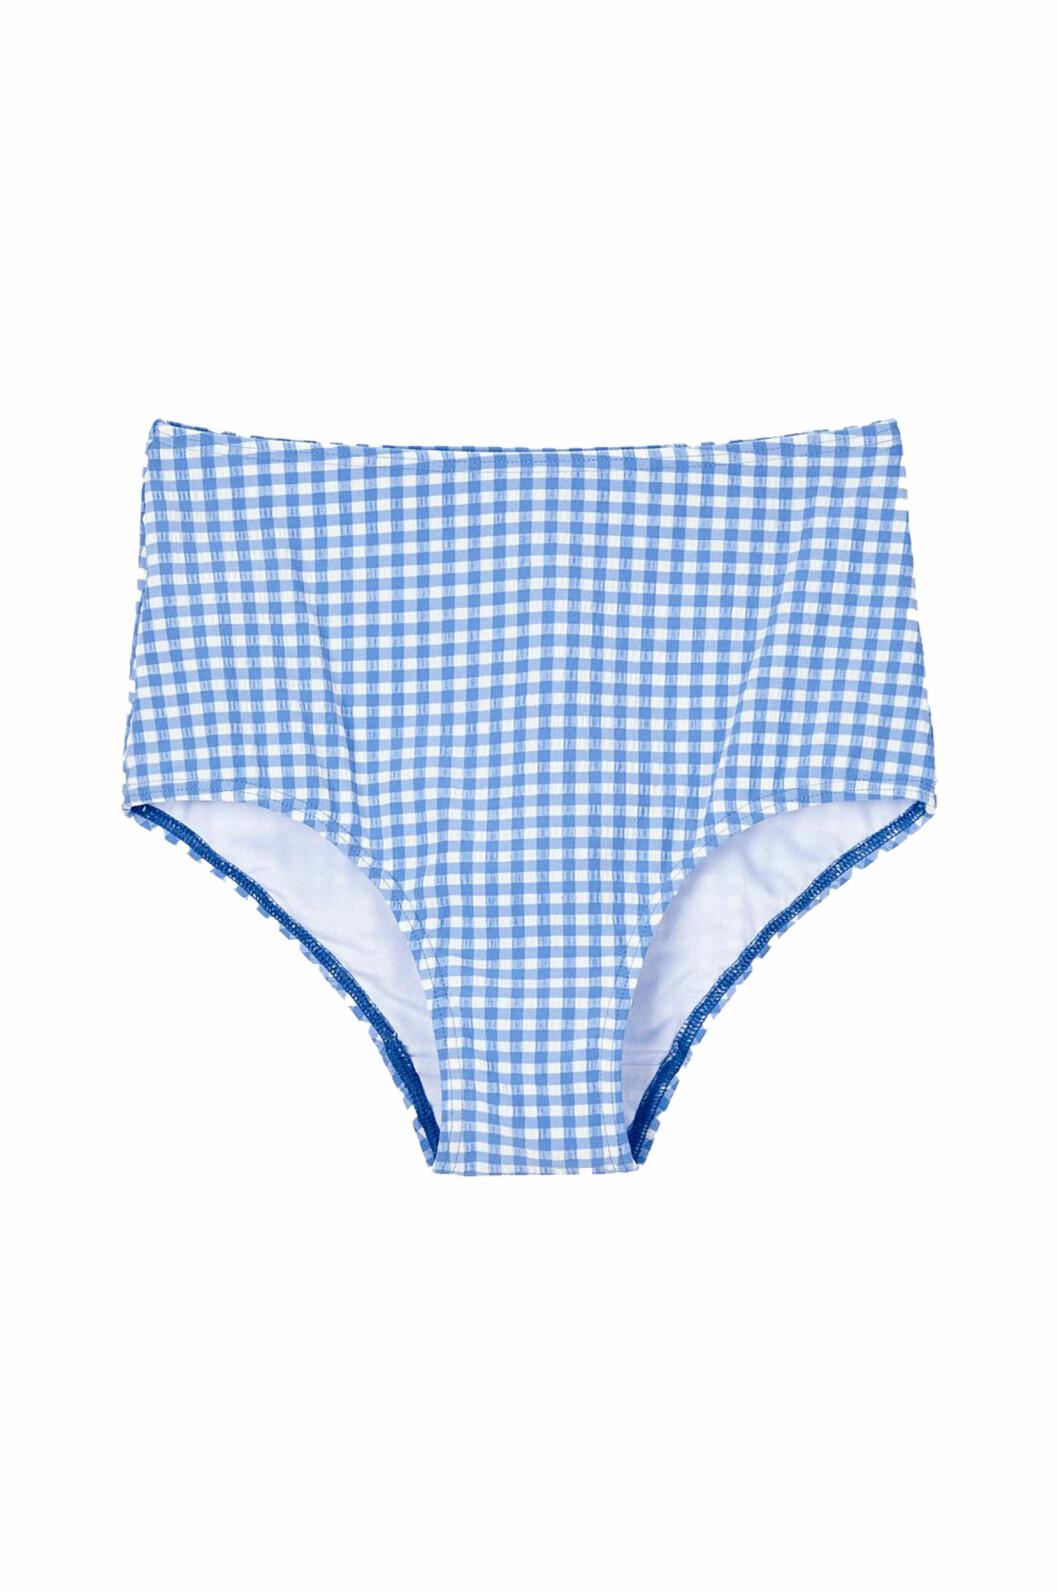 <strong>Bikinitruse fra Ellos  150,-  https:</strong>//www.ellos.no/ellos-collection/bikinibukse-tone/7004195-01